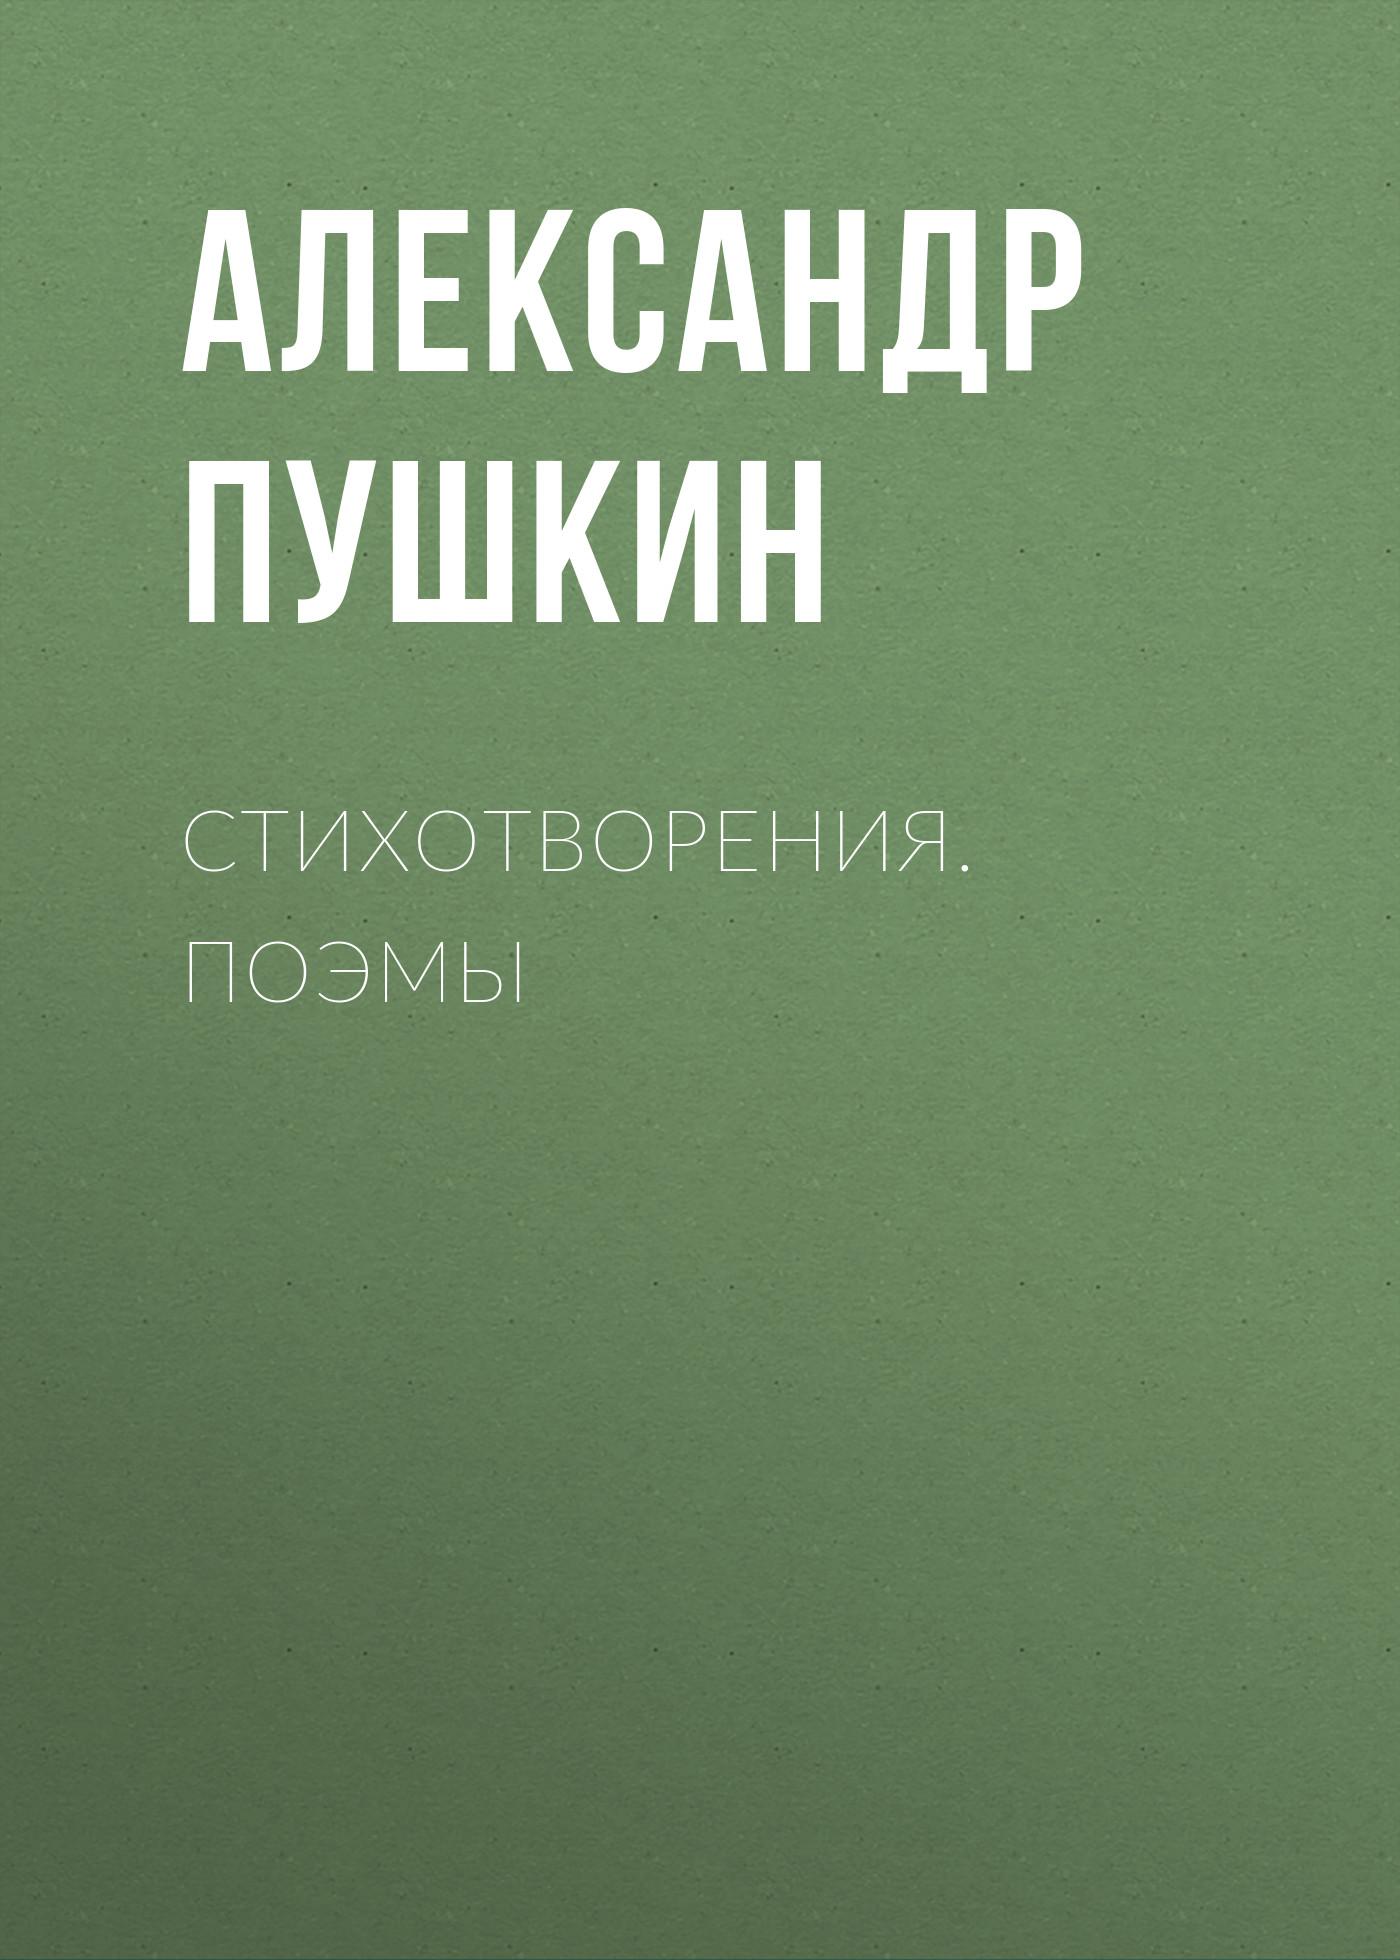 Александр Пушкин Стихотворения. Поэмы александр пушкин стихотворения поэмы